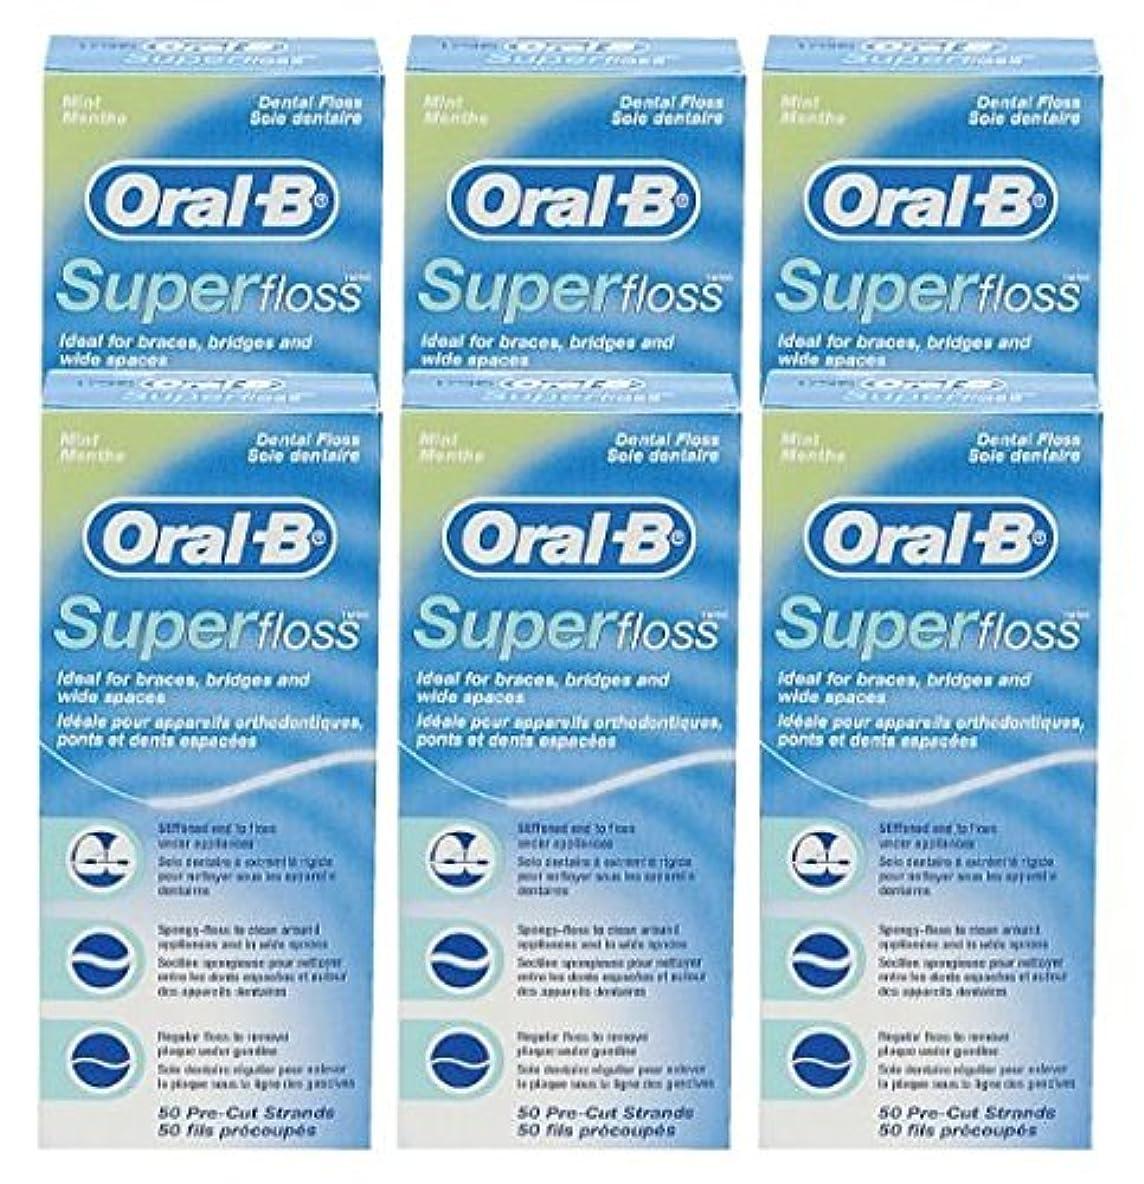 くびれたストレスの多い後ろにオーラルB スーパーフロス ミント Oral-B Super floss 50本 × 6個